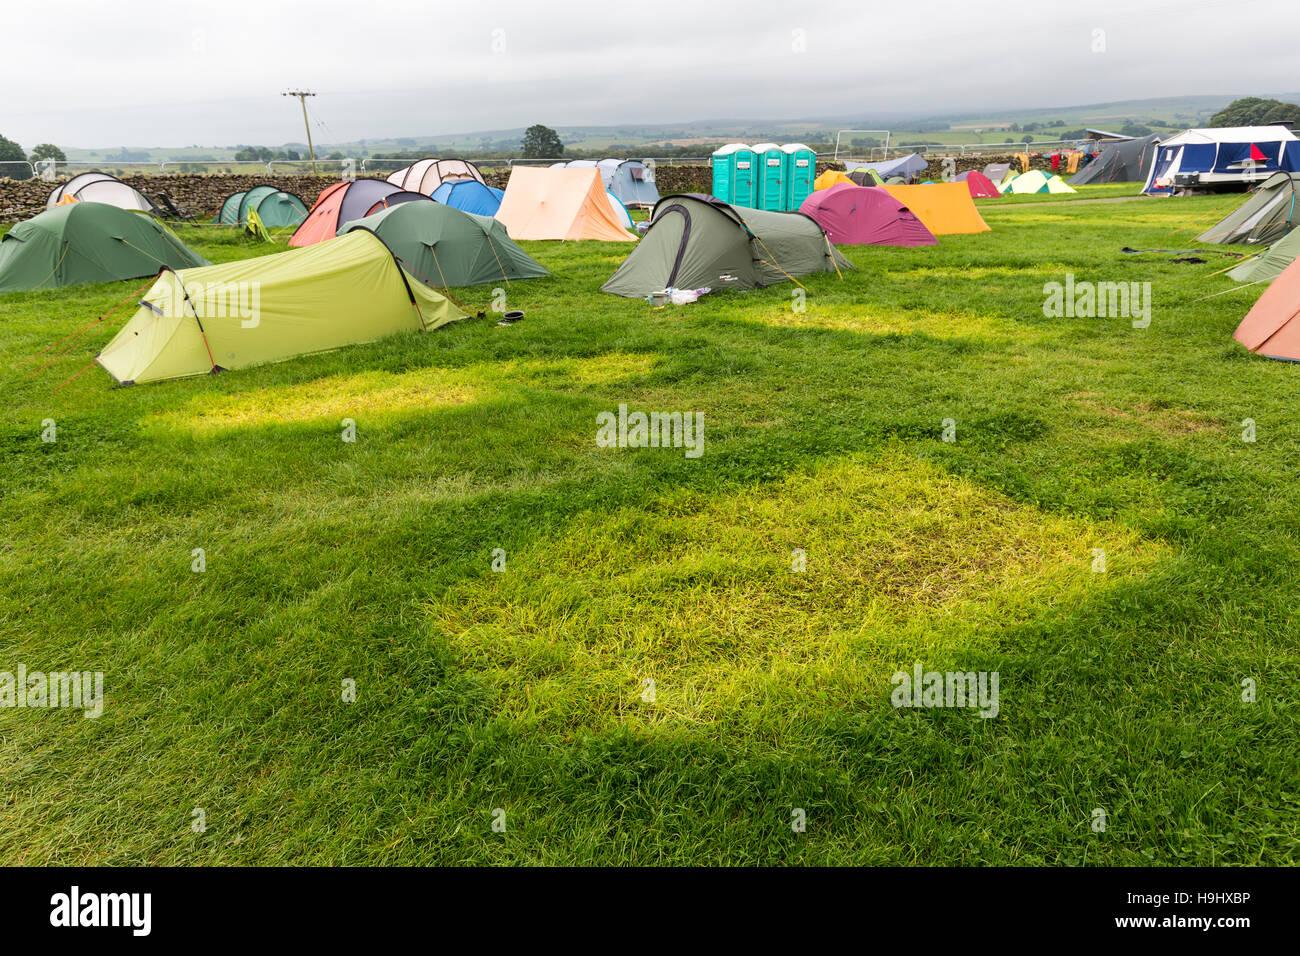 Hierba afectados por la cubierta de lona en camping, Yorkshire, Reino Unido Imagen De Stock